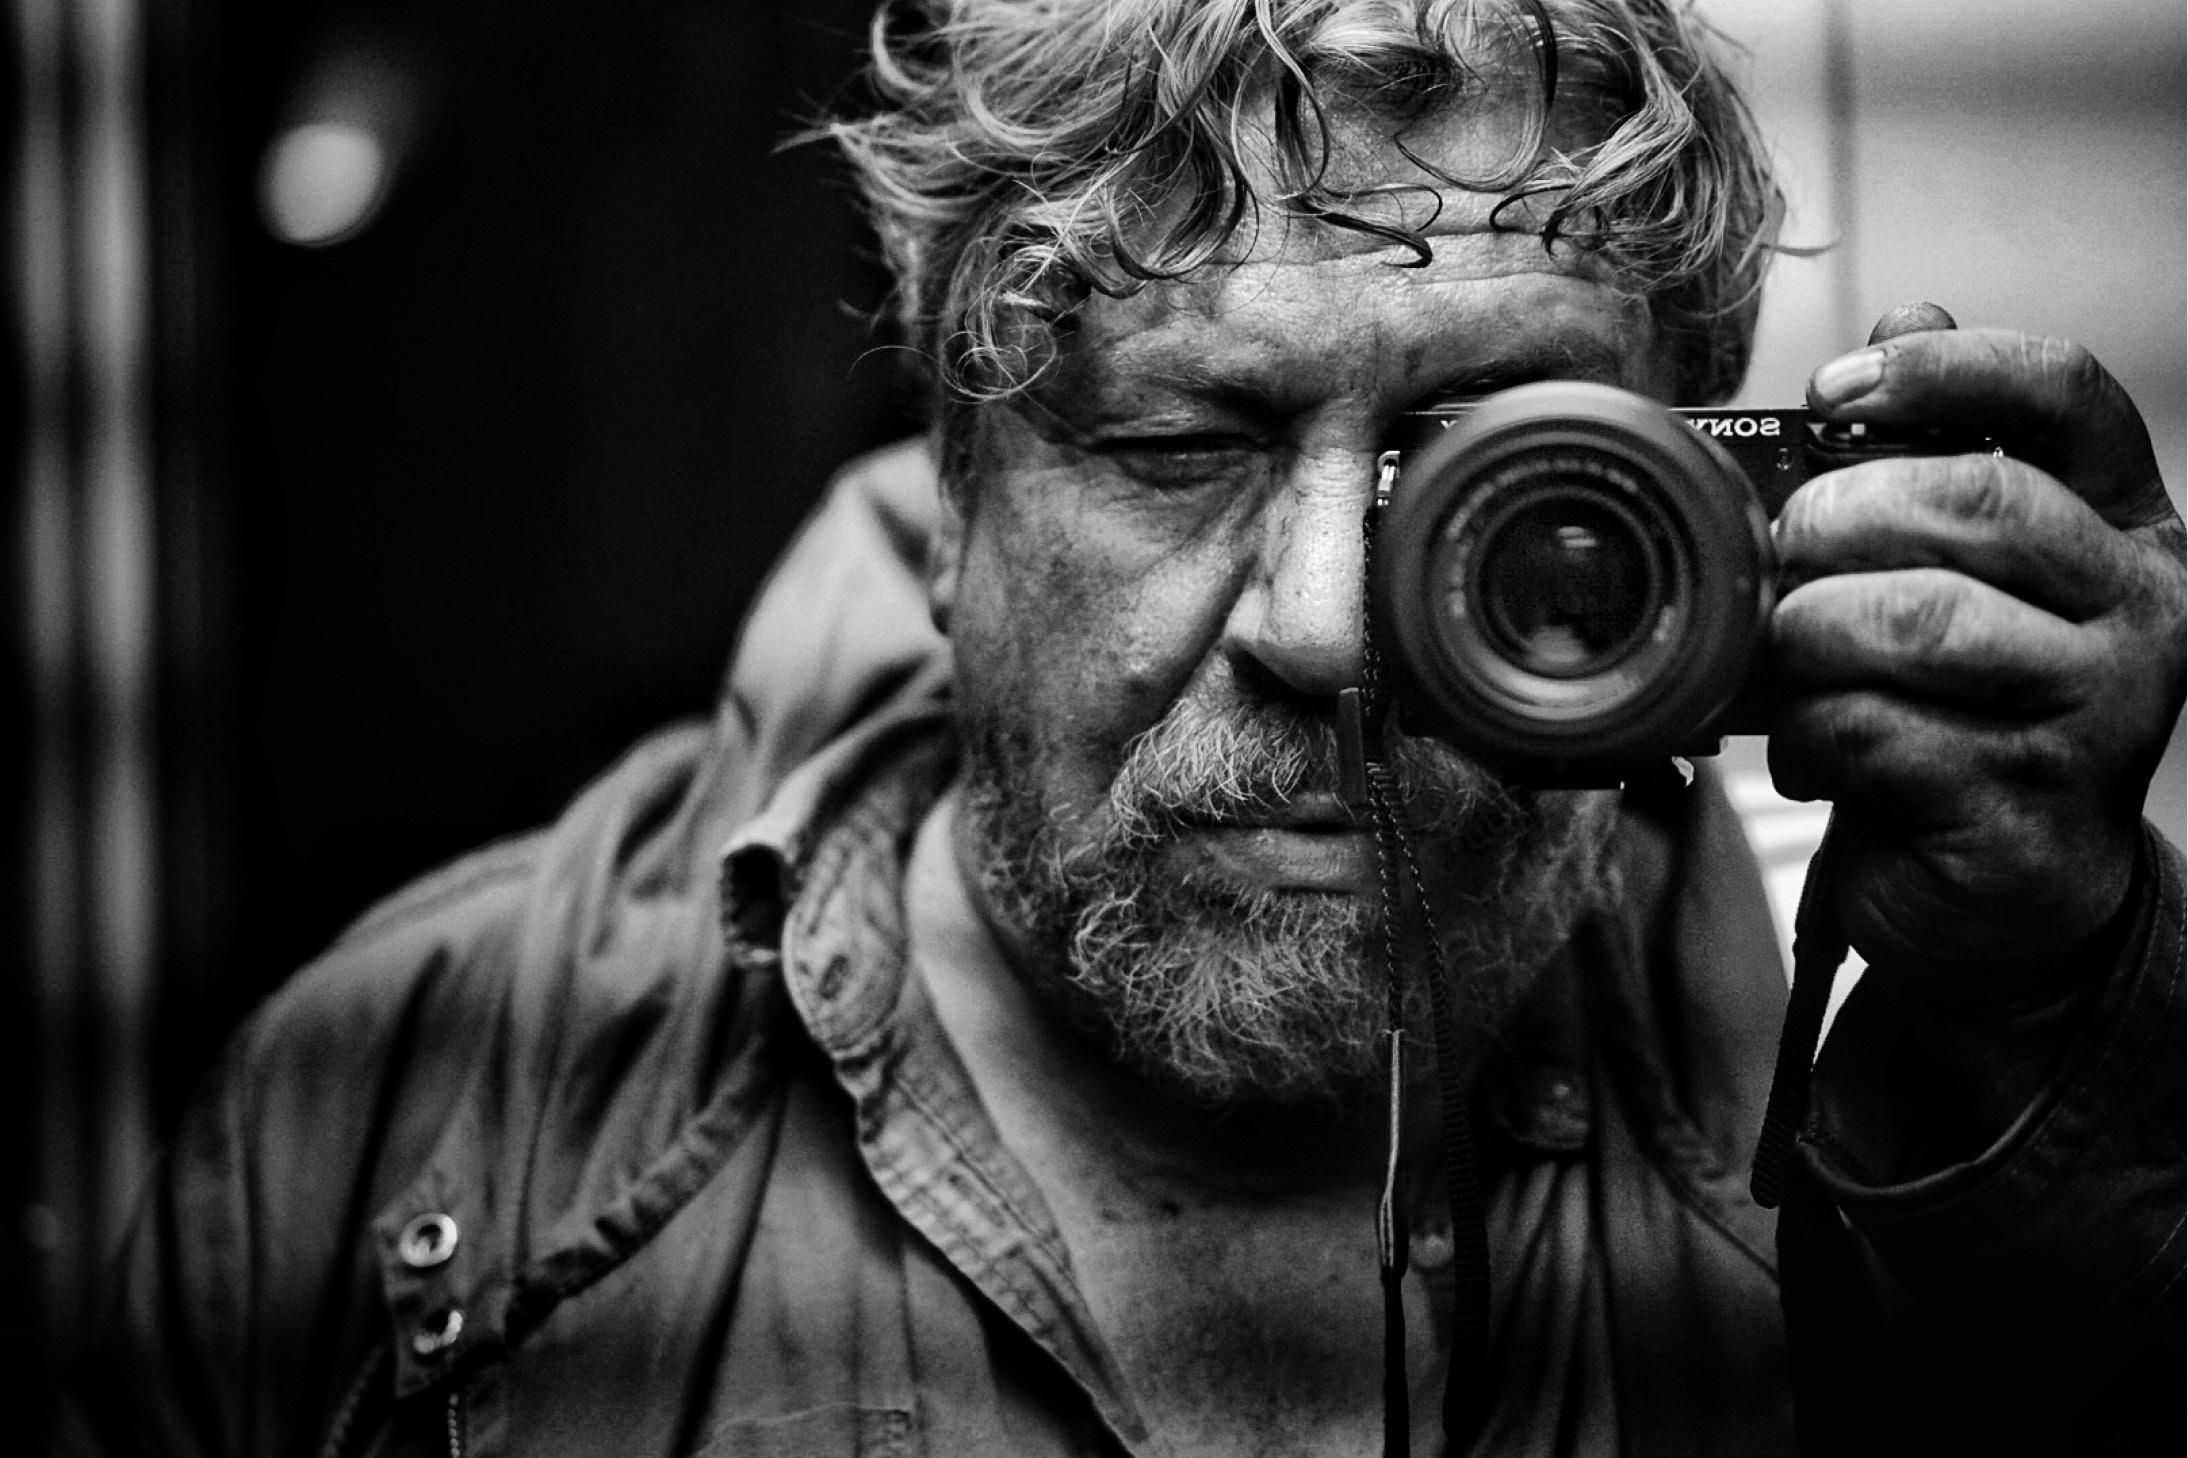 Mann fotografiert sich selbst